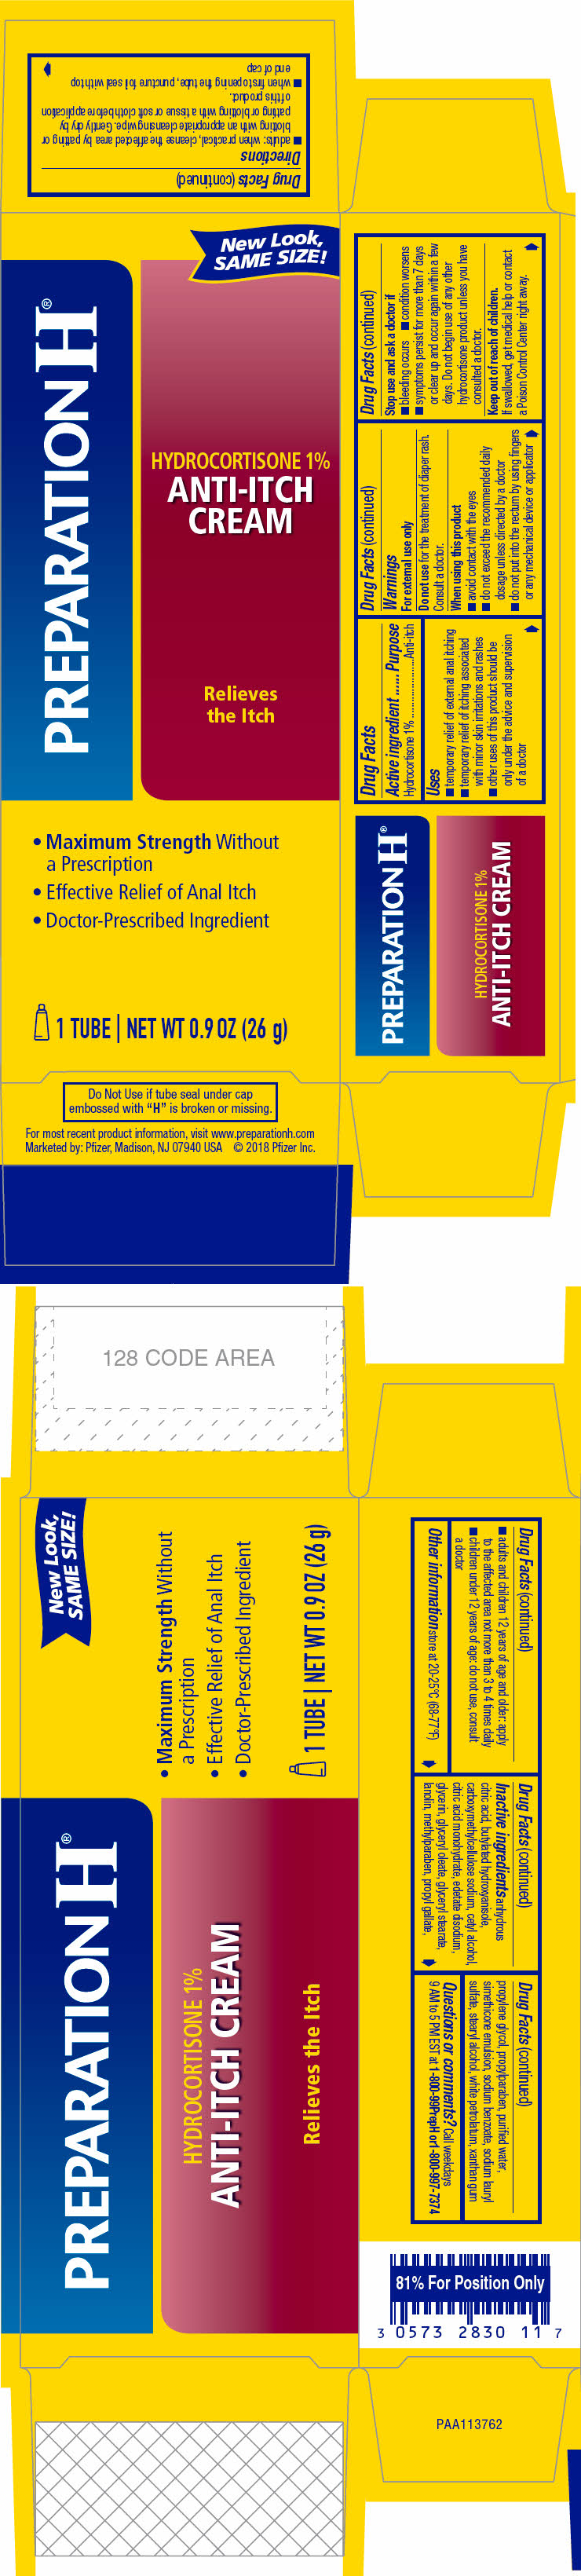 PRINCIPAL DISPLAY PANEL - 26 g Tube Carton